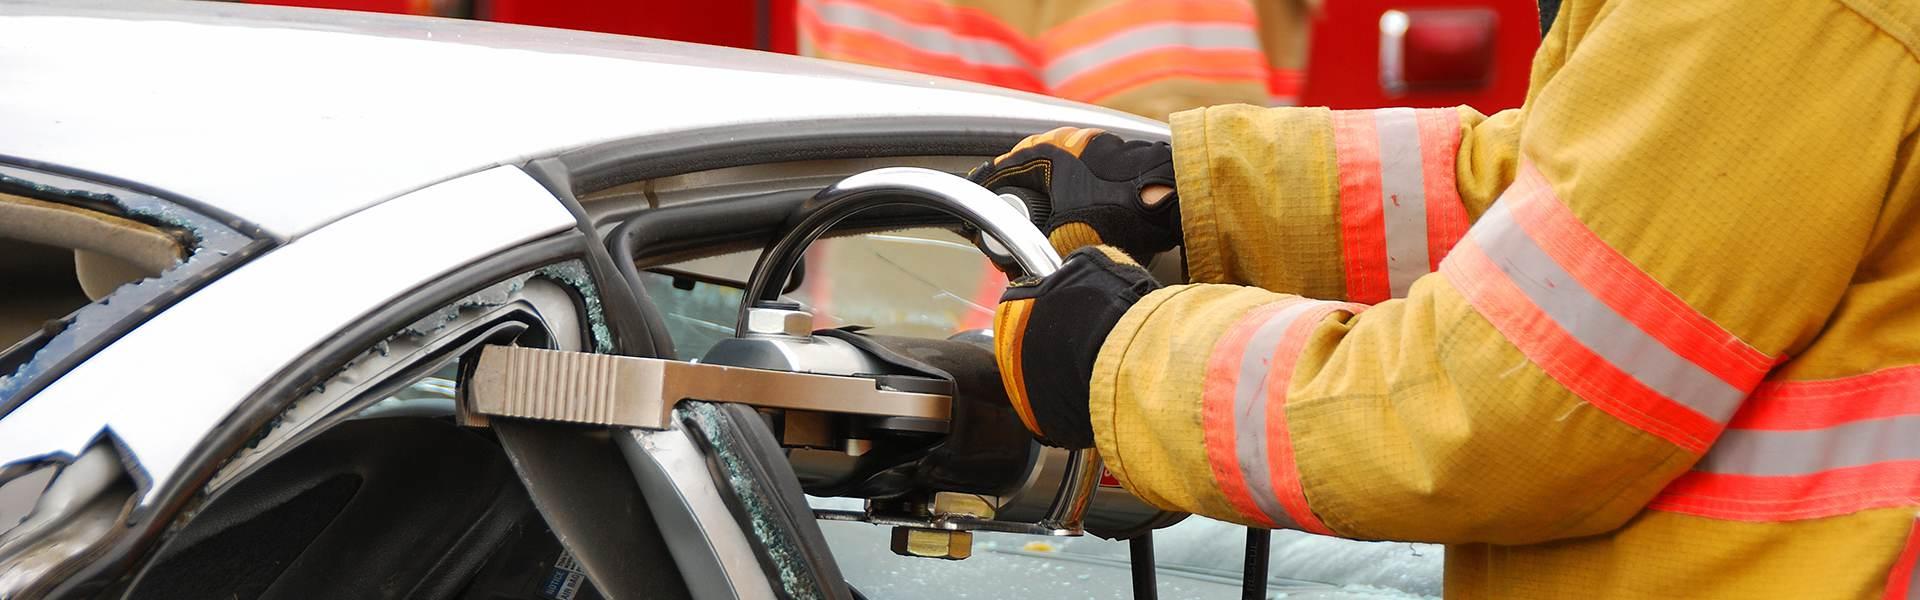 Auto Accident Defense in SC